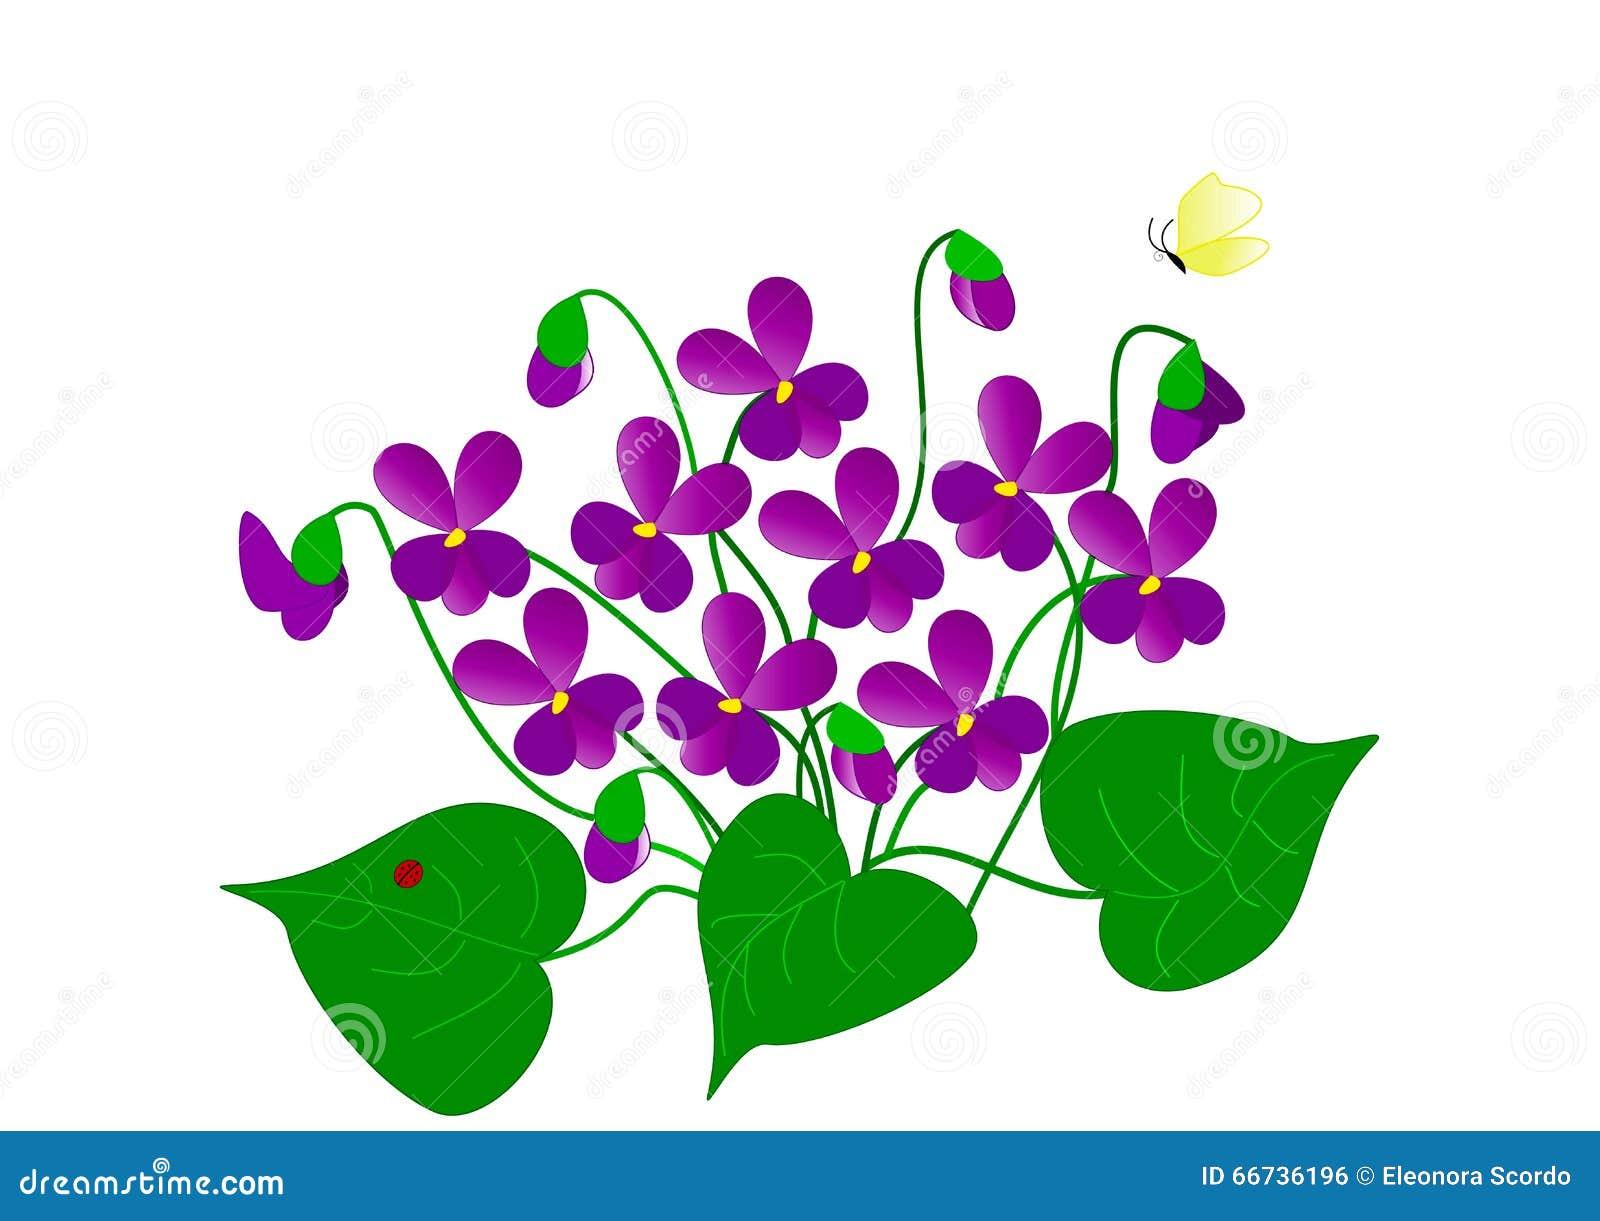 Dibujo de violetas